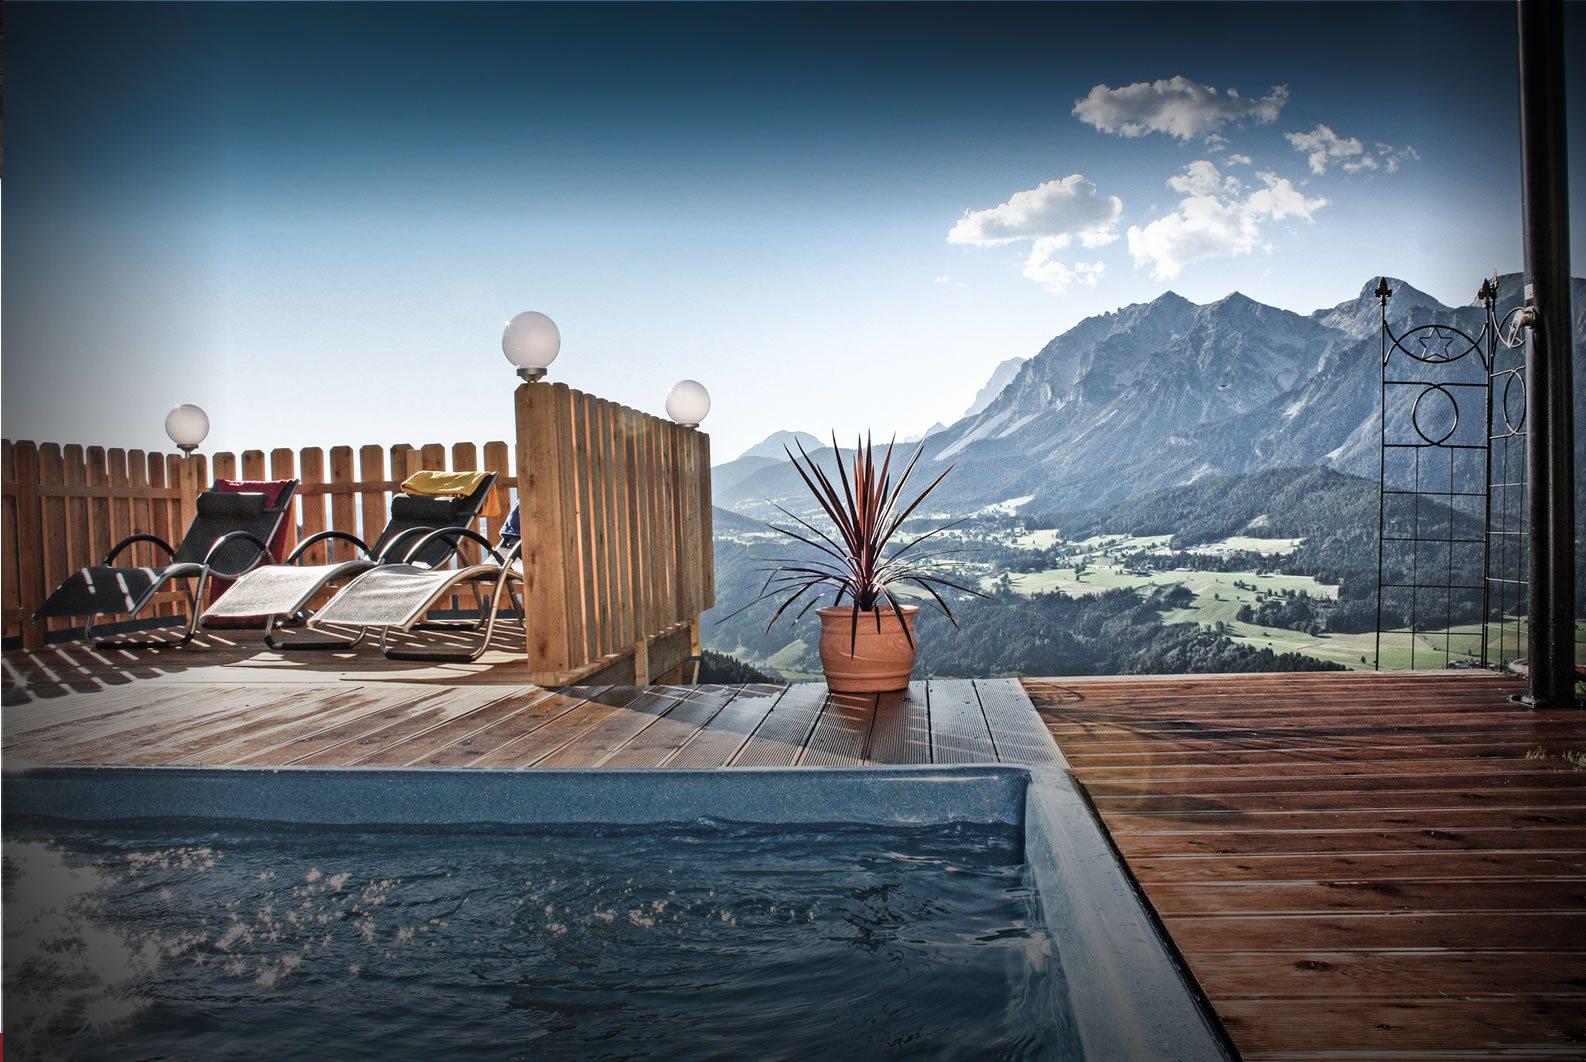 Urlaub in Haus / Ennstal nahe Schladming - Appartement mit Pool